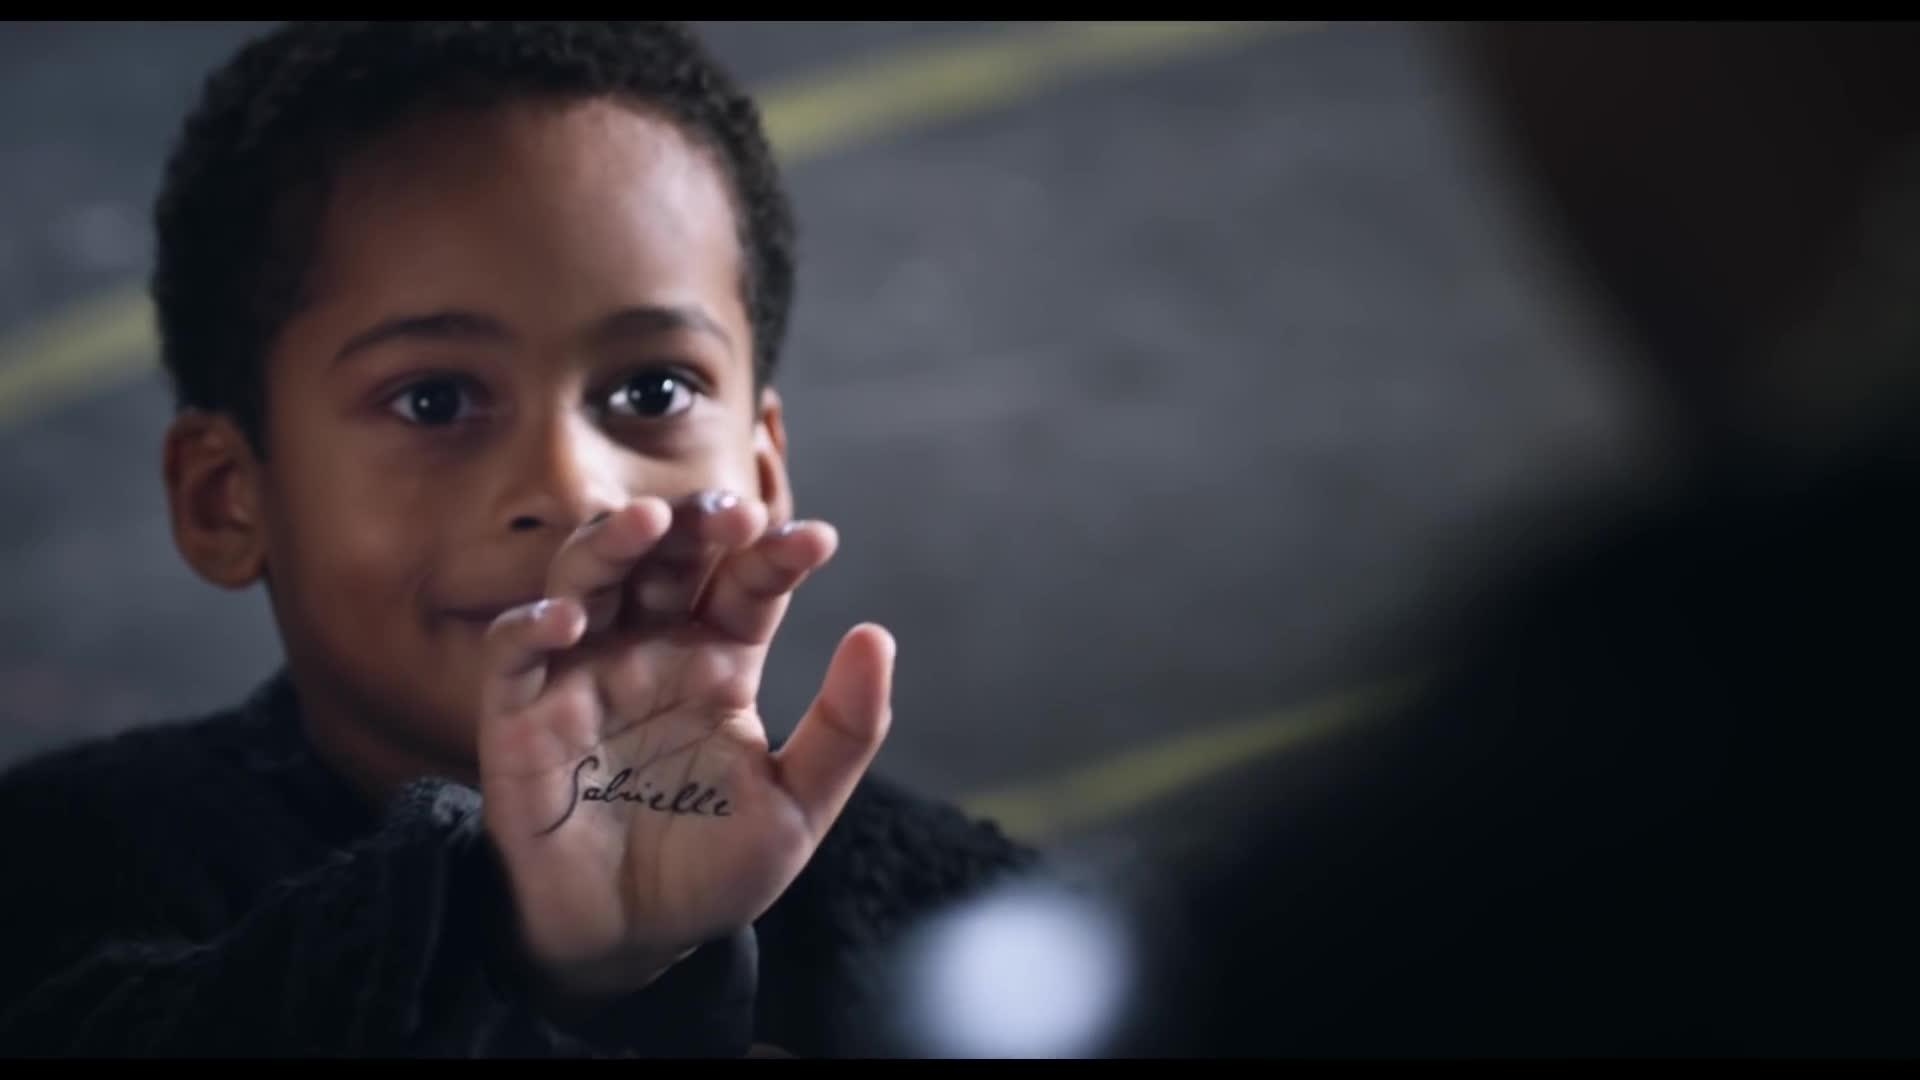 Đoạn phim cuối cùng trong chiến dịch Gabrielle Chanel: Thót tim với Pharrell Williams!